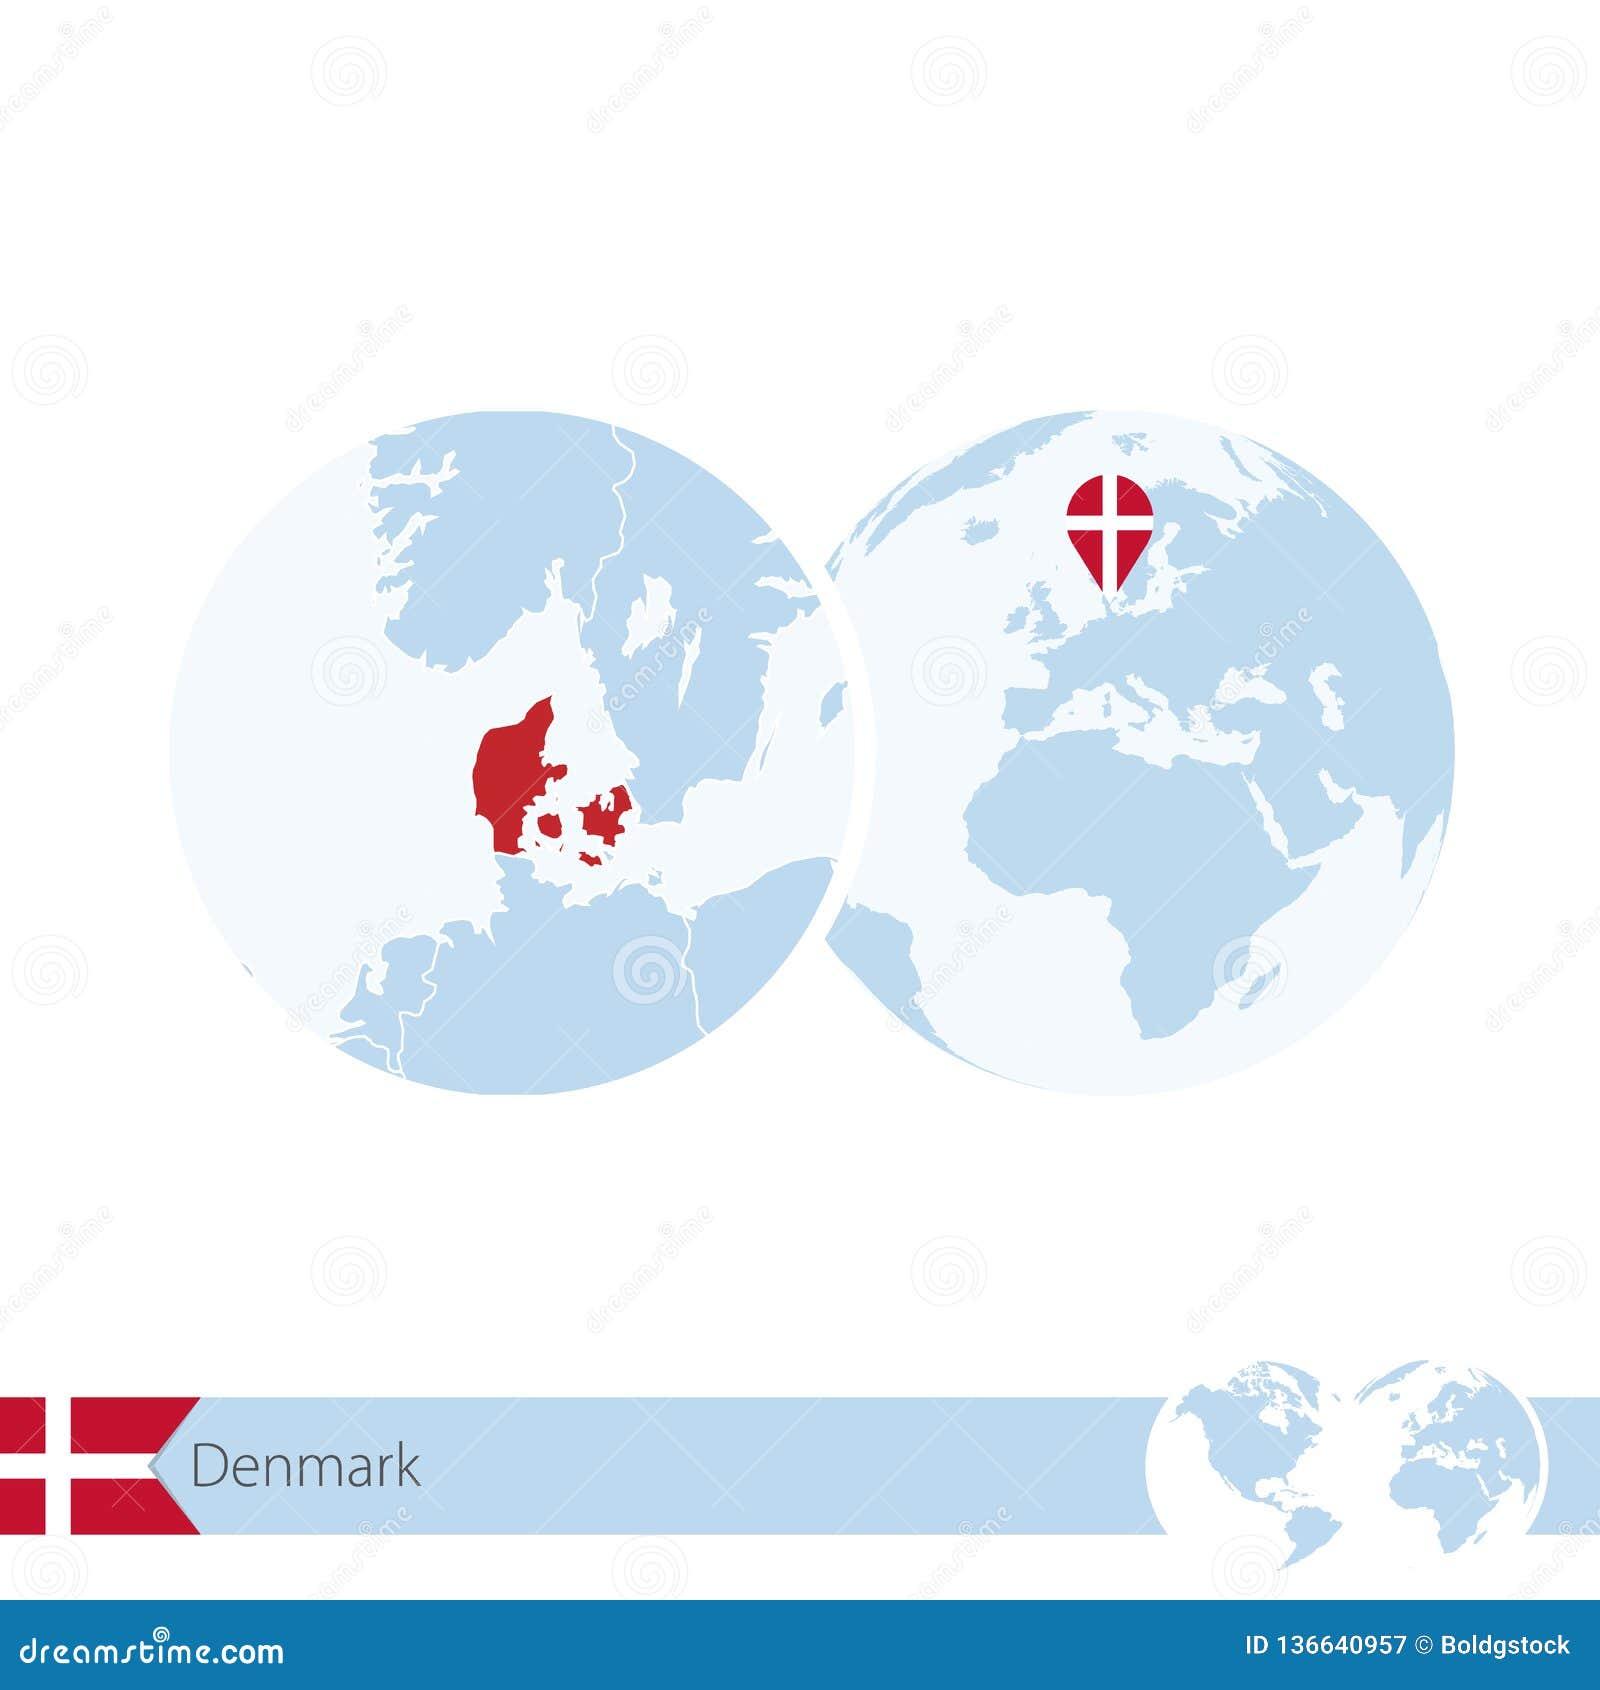 World Map Of Denmark.Denmark On World Globe With Flag And Regional Map Of Denmark Stock